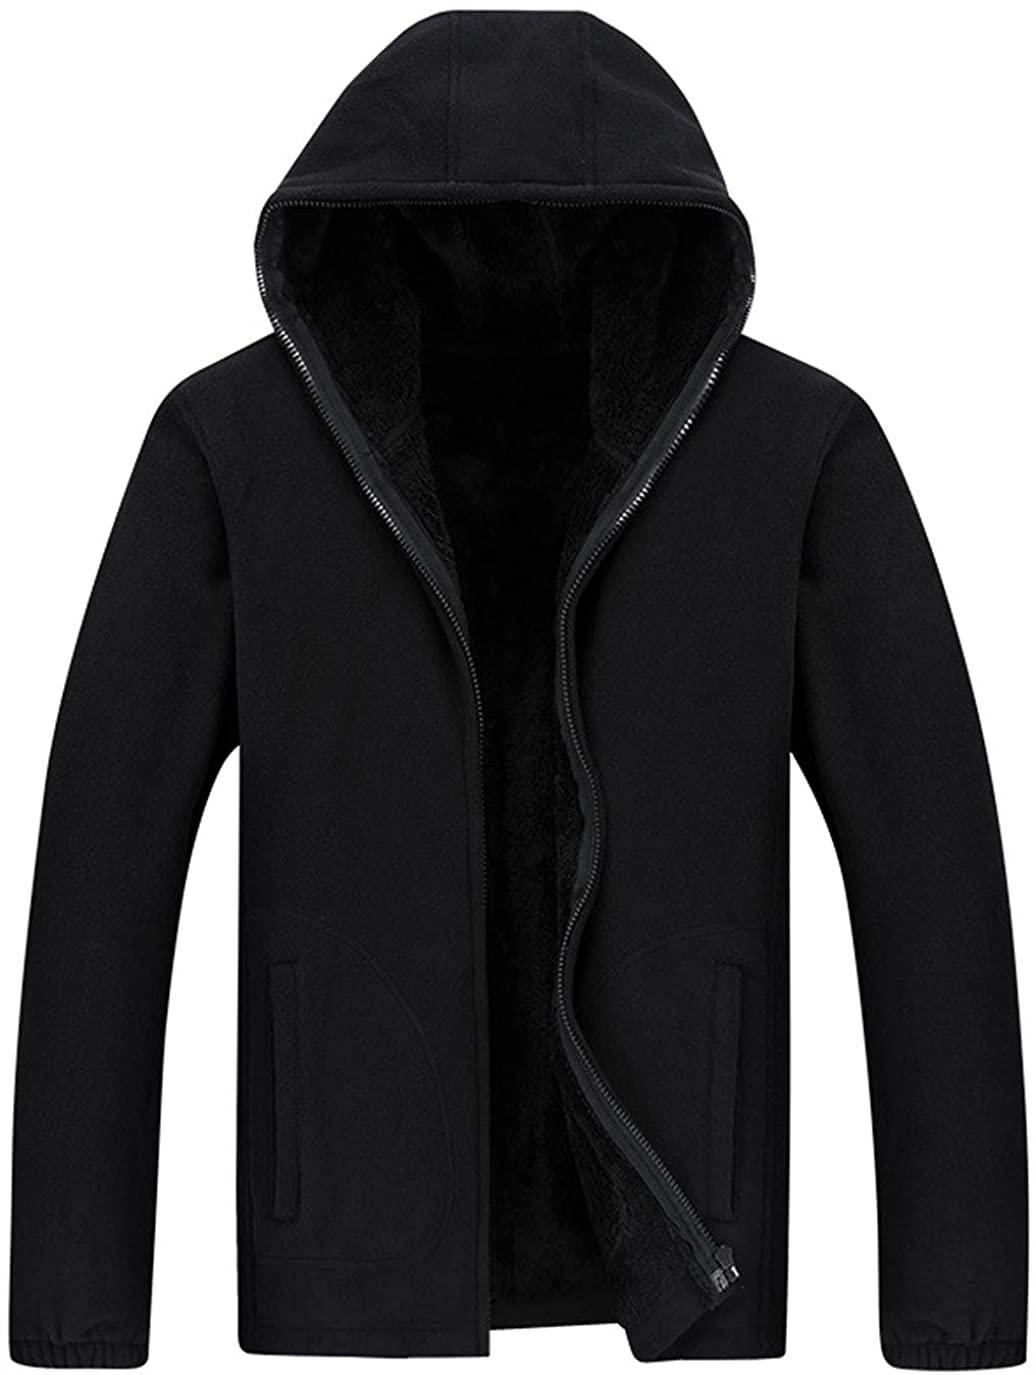 ebossy Men's Winter Full-Zip Polar Fleece Jacket Hoodie Sweatshirt